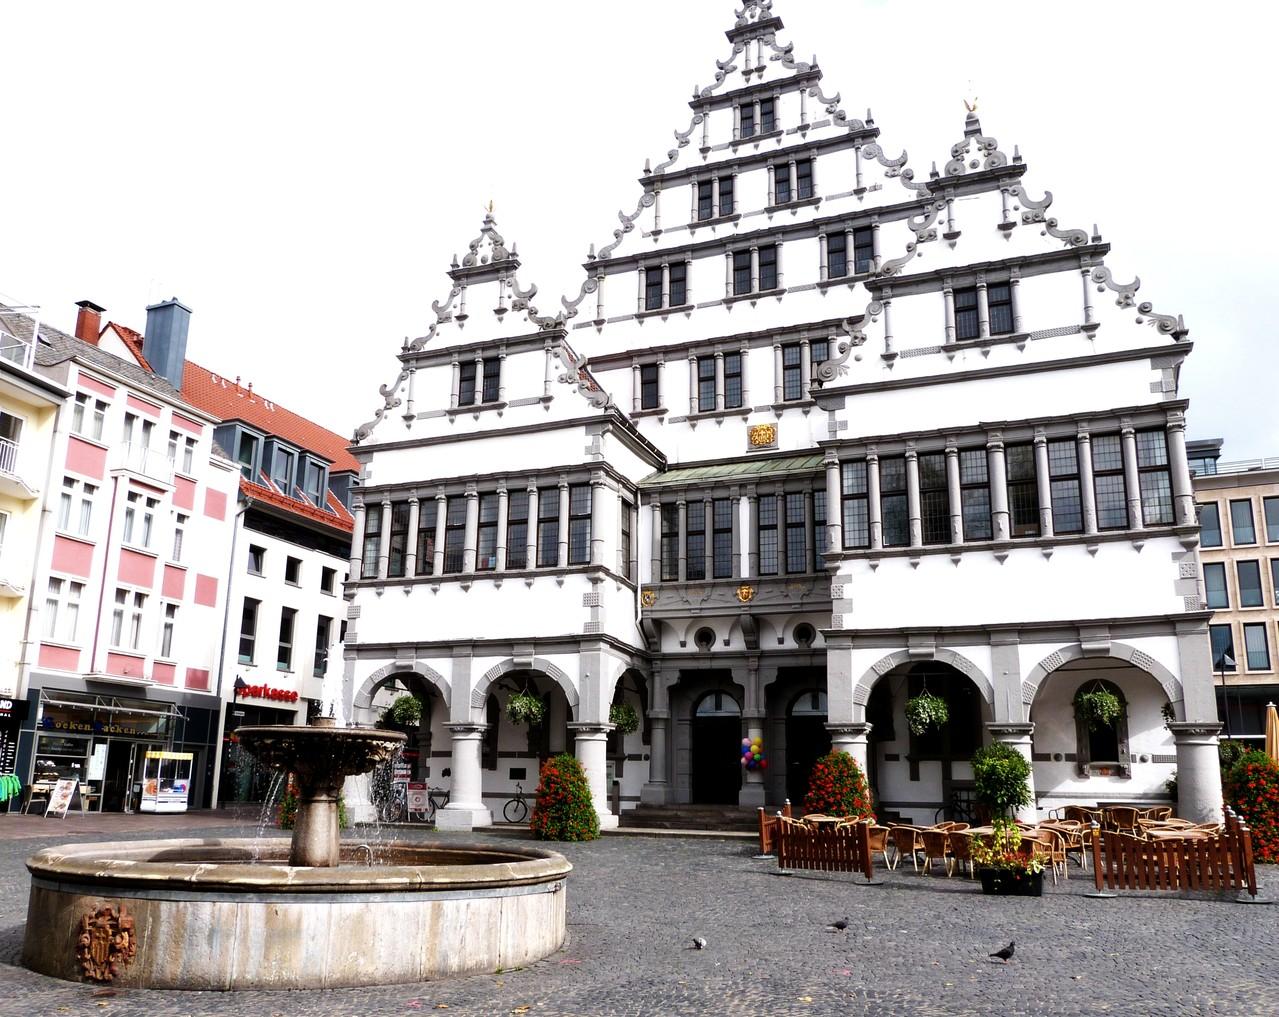 Rathaus in Paderborn